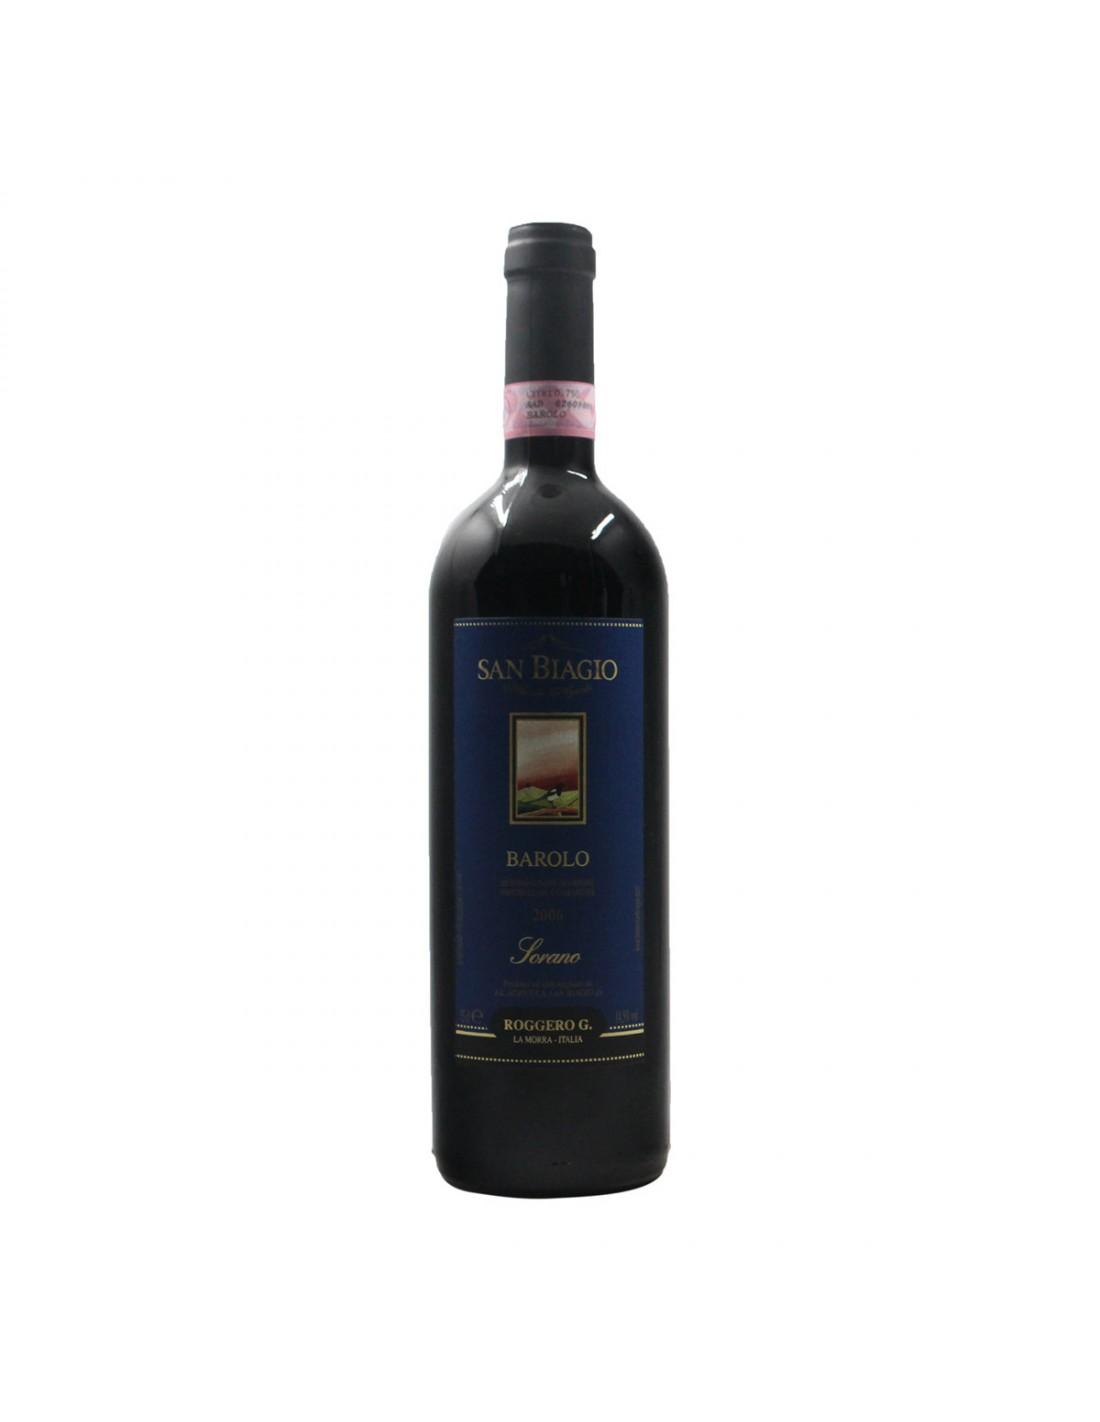 BAROLO SORANO 2006 S.BIAGIO DI ROGGERO Grandi Bottiglie